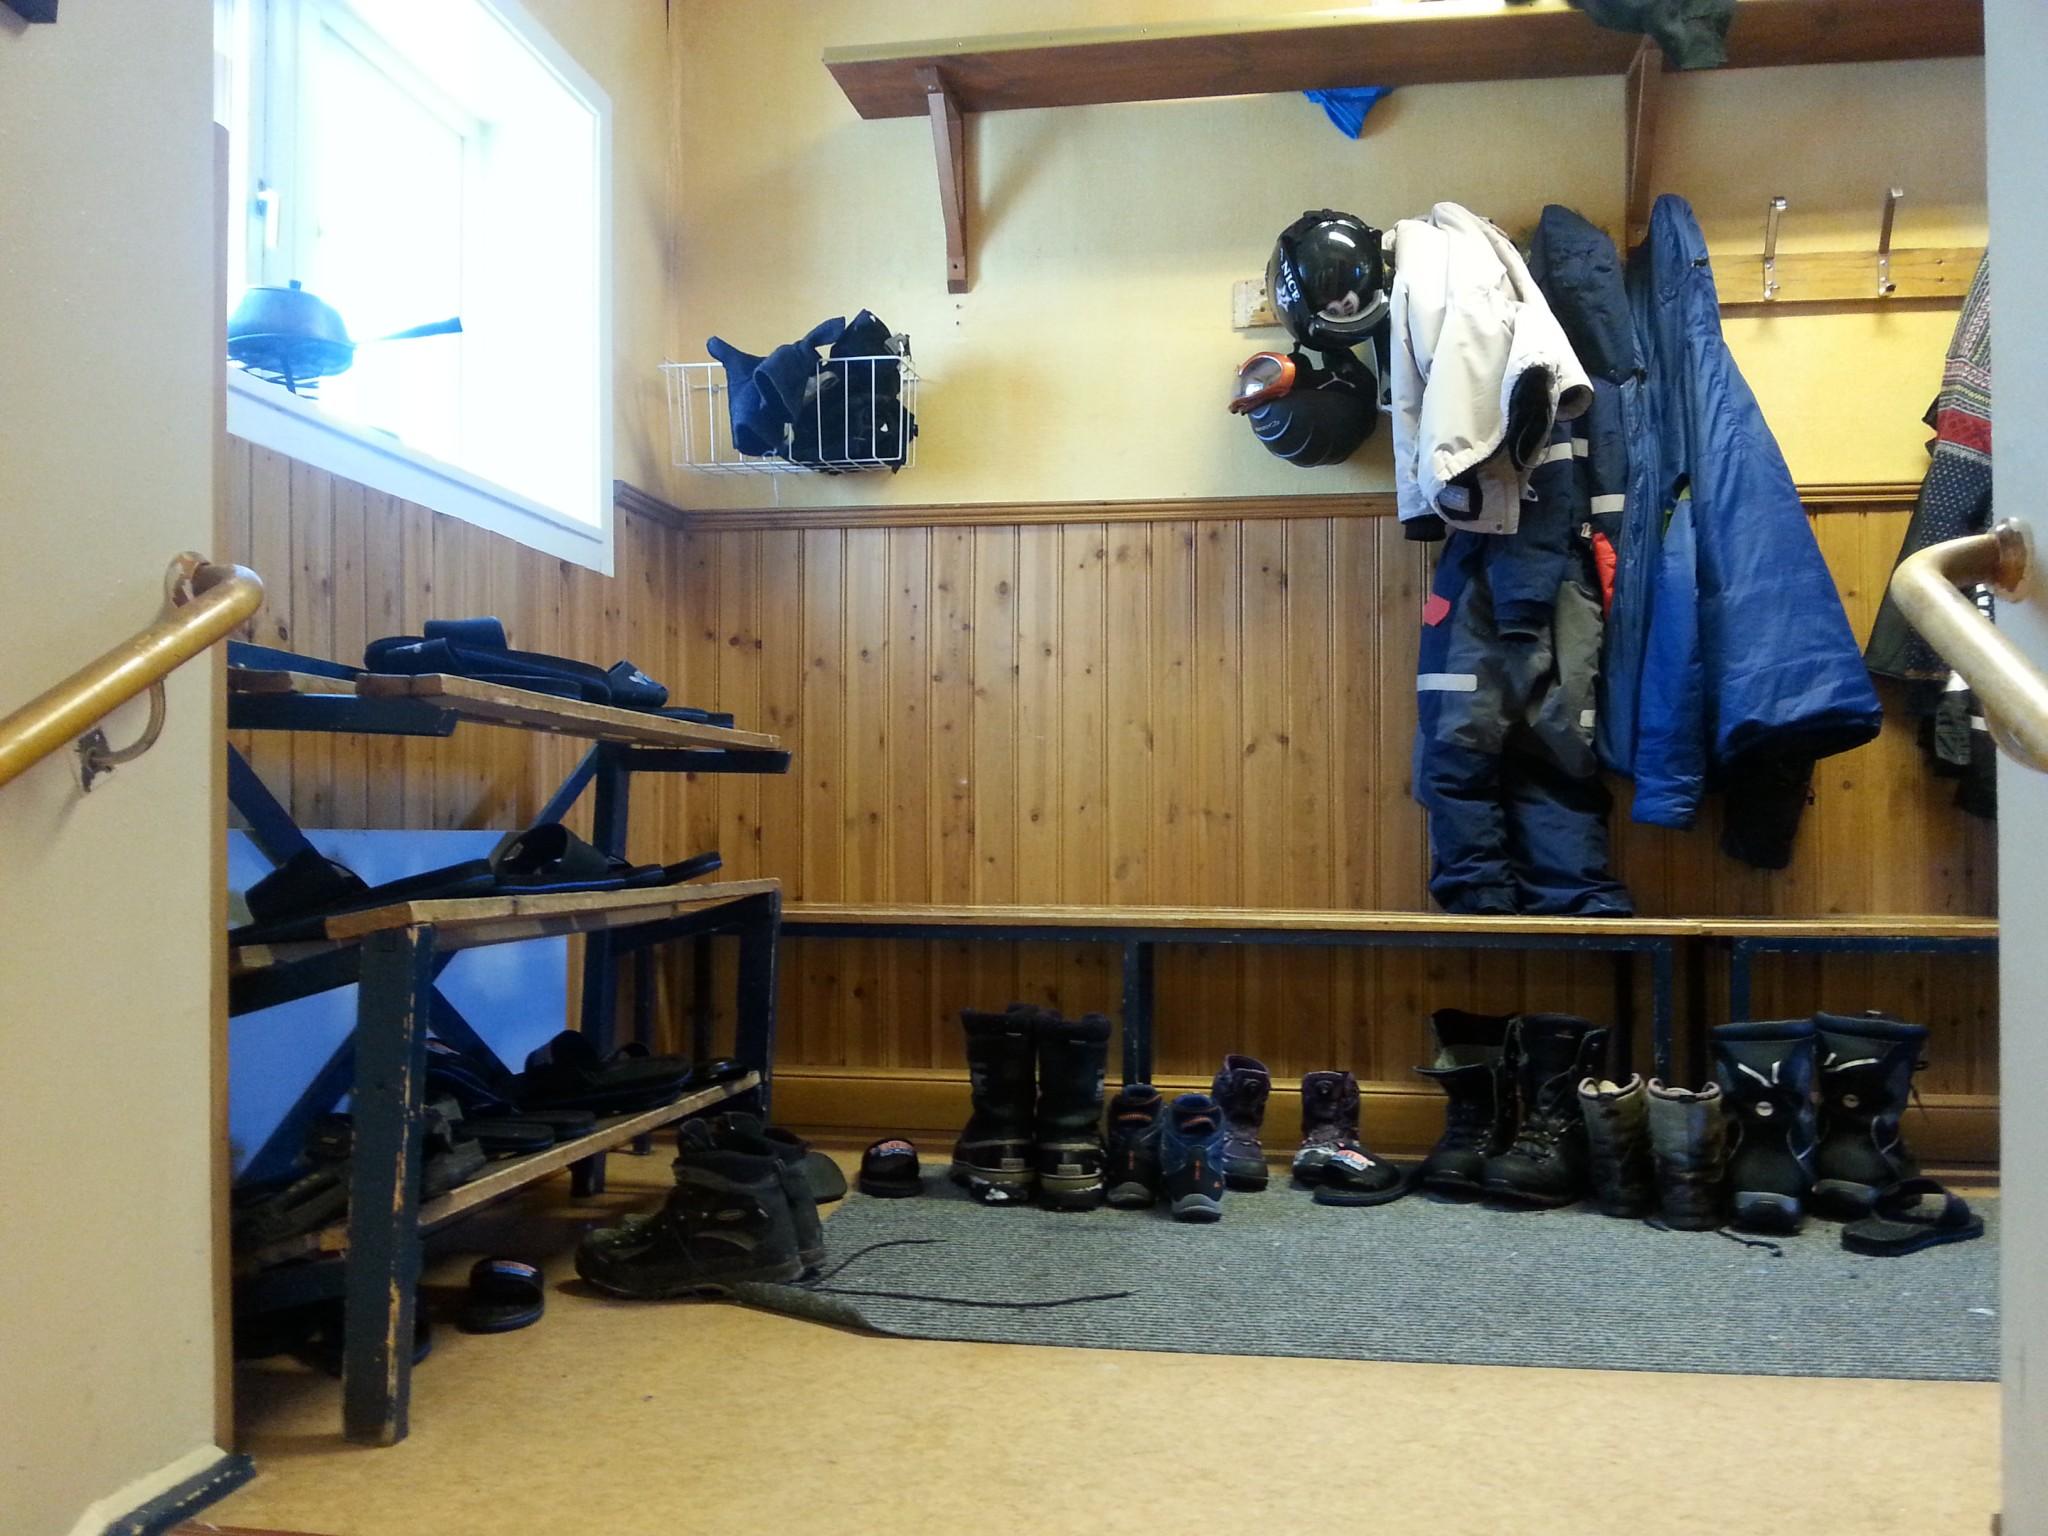 Lumiset kengät piti ensin nakata jalasta ja vaihtaa lipposiin.